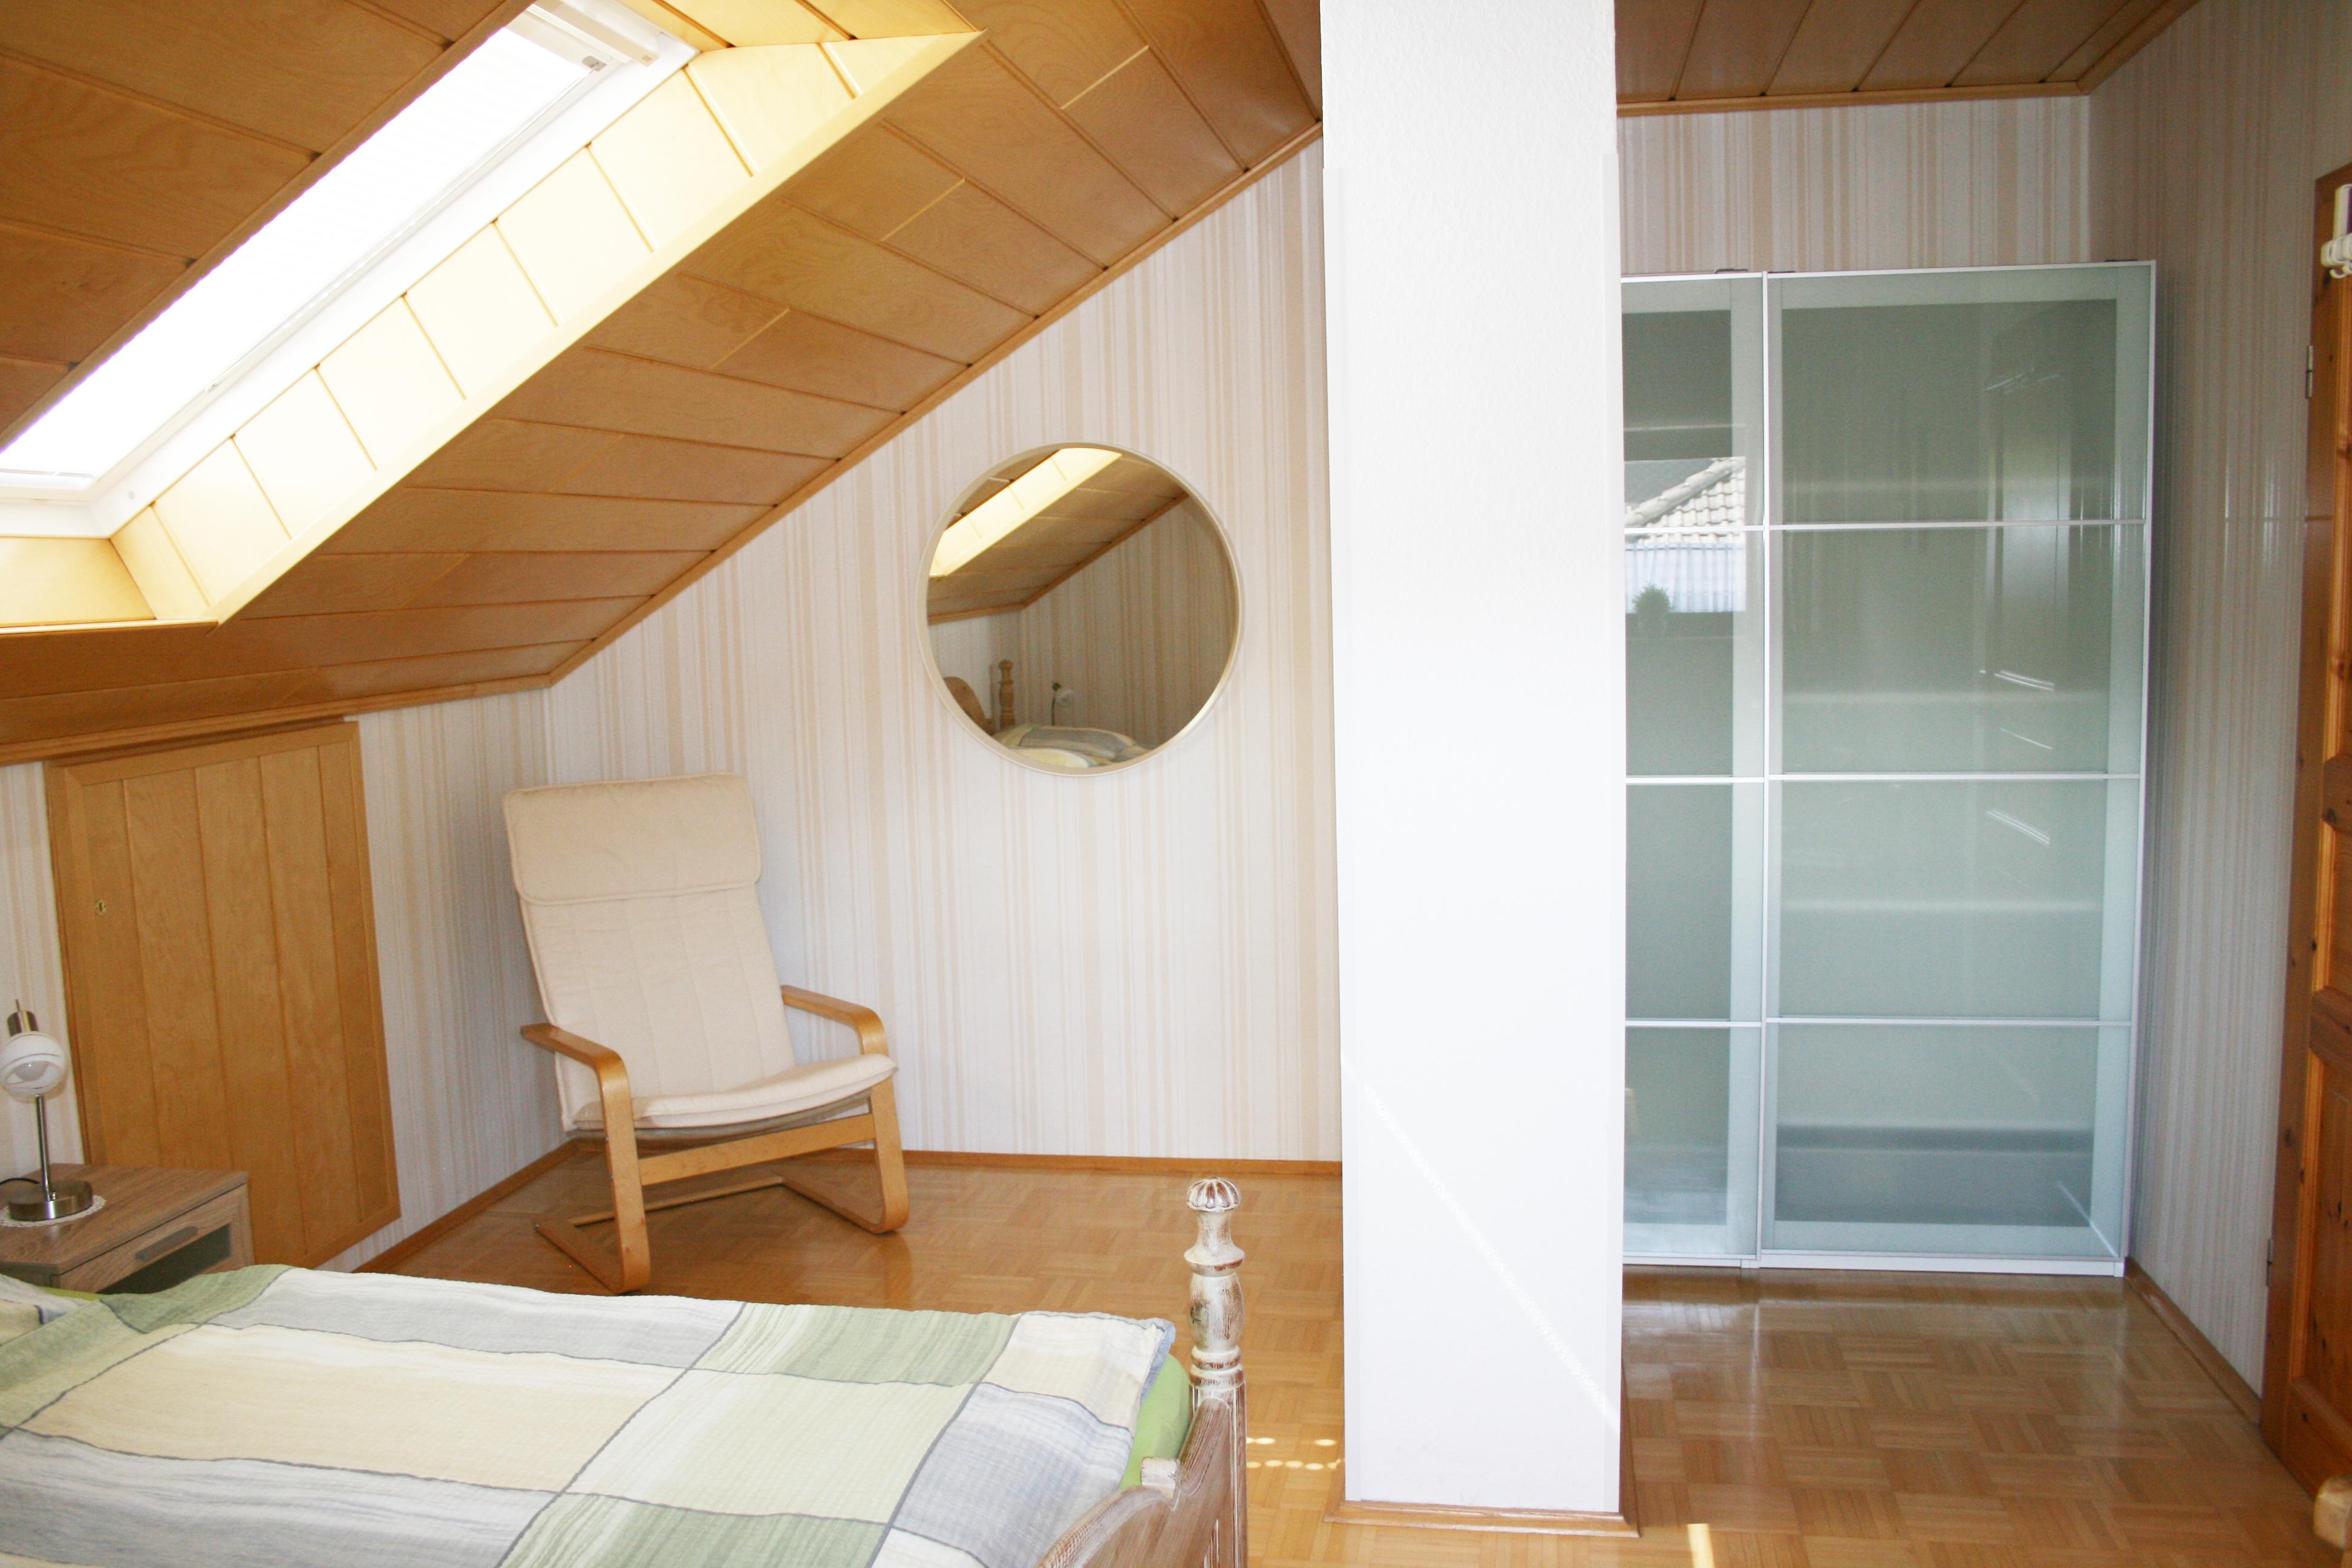 Im Befindet Sich Ein Xm Groes Doppelbett Ein Groer Und Drei Sessel  Bettwsche Ist Vorhanden With Bettwsche Xm With Groes Bett Ikea